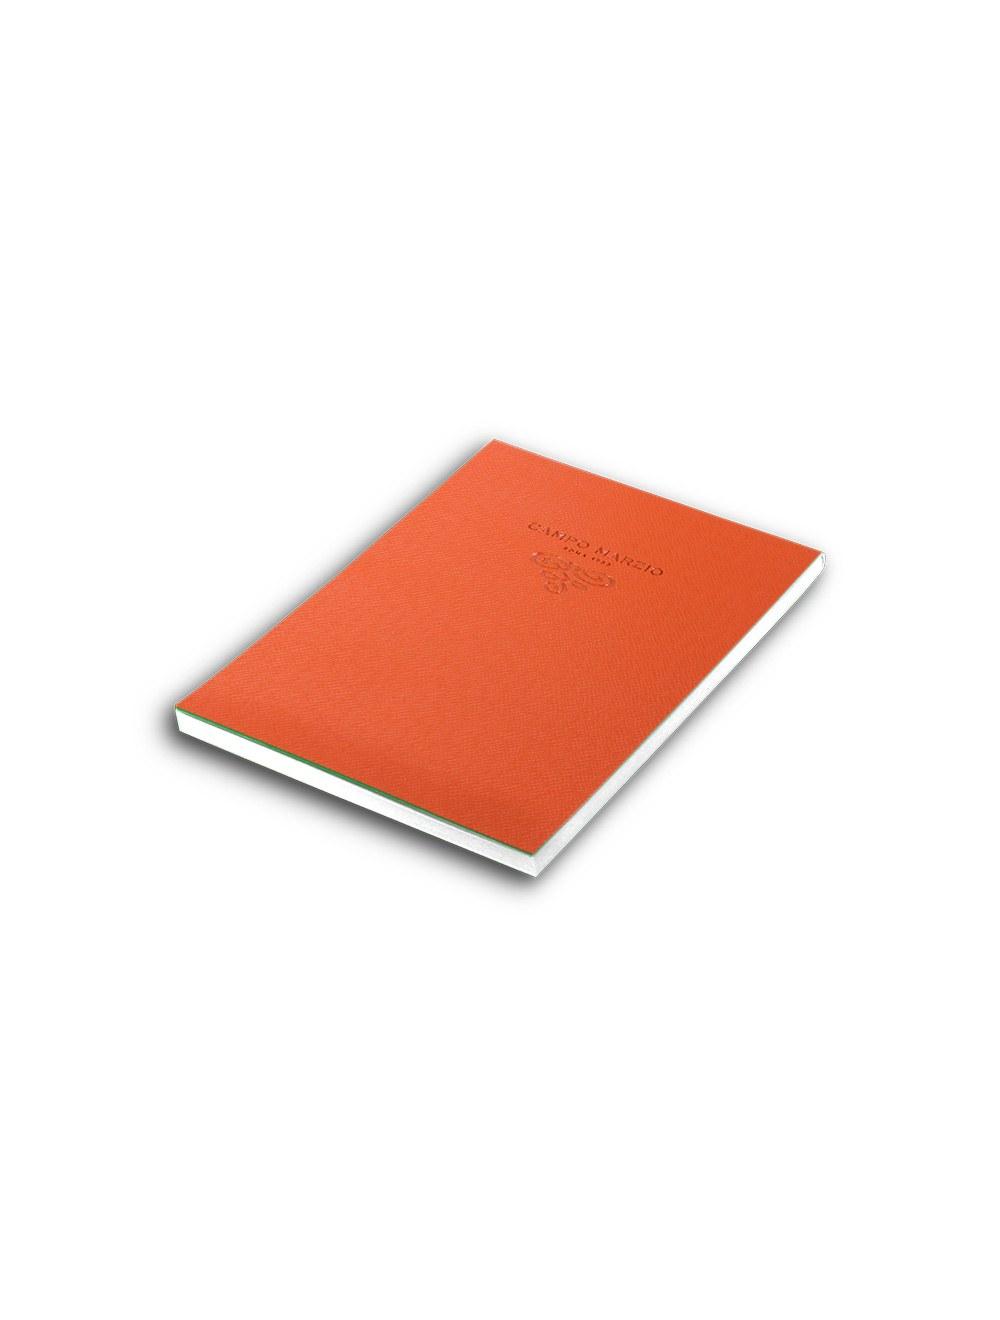 Notes 15 X 21 Cm Saffiano White Page - Mandarin